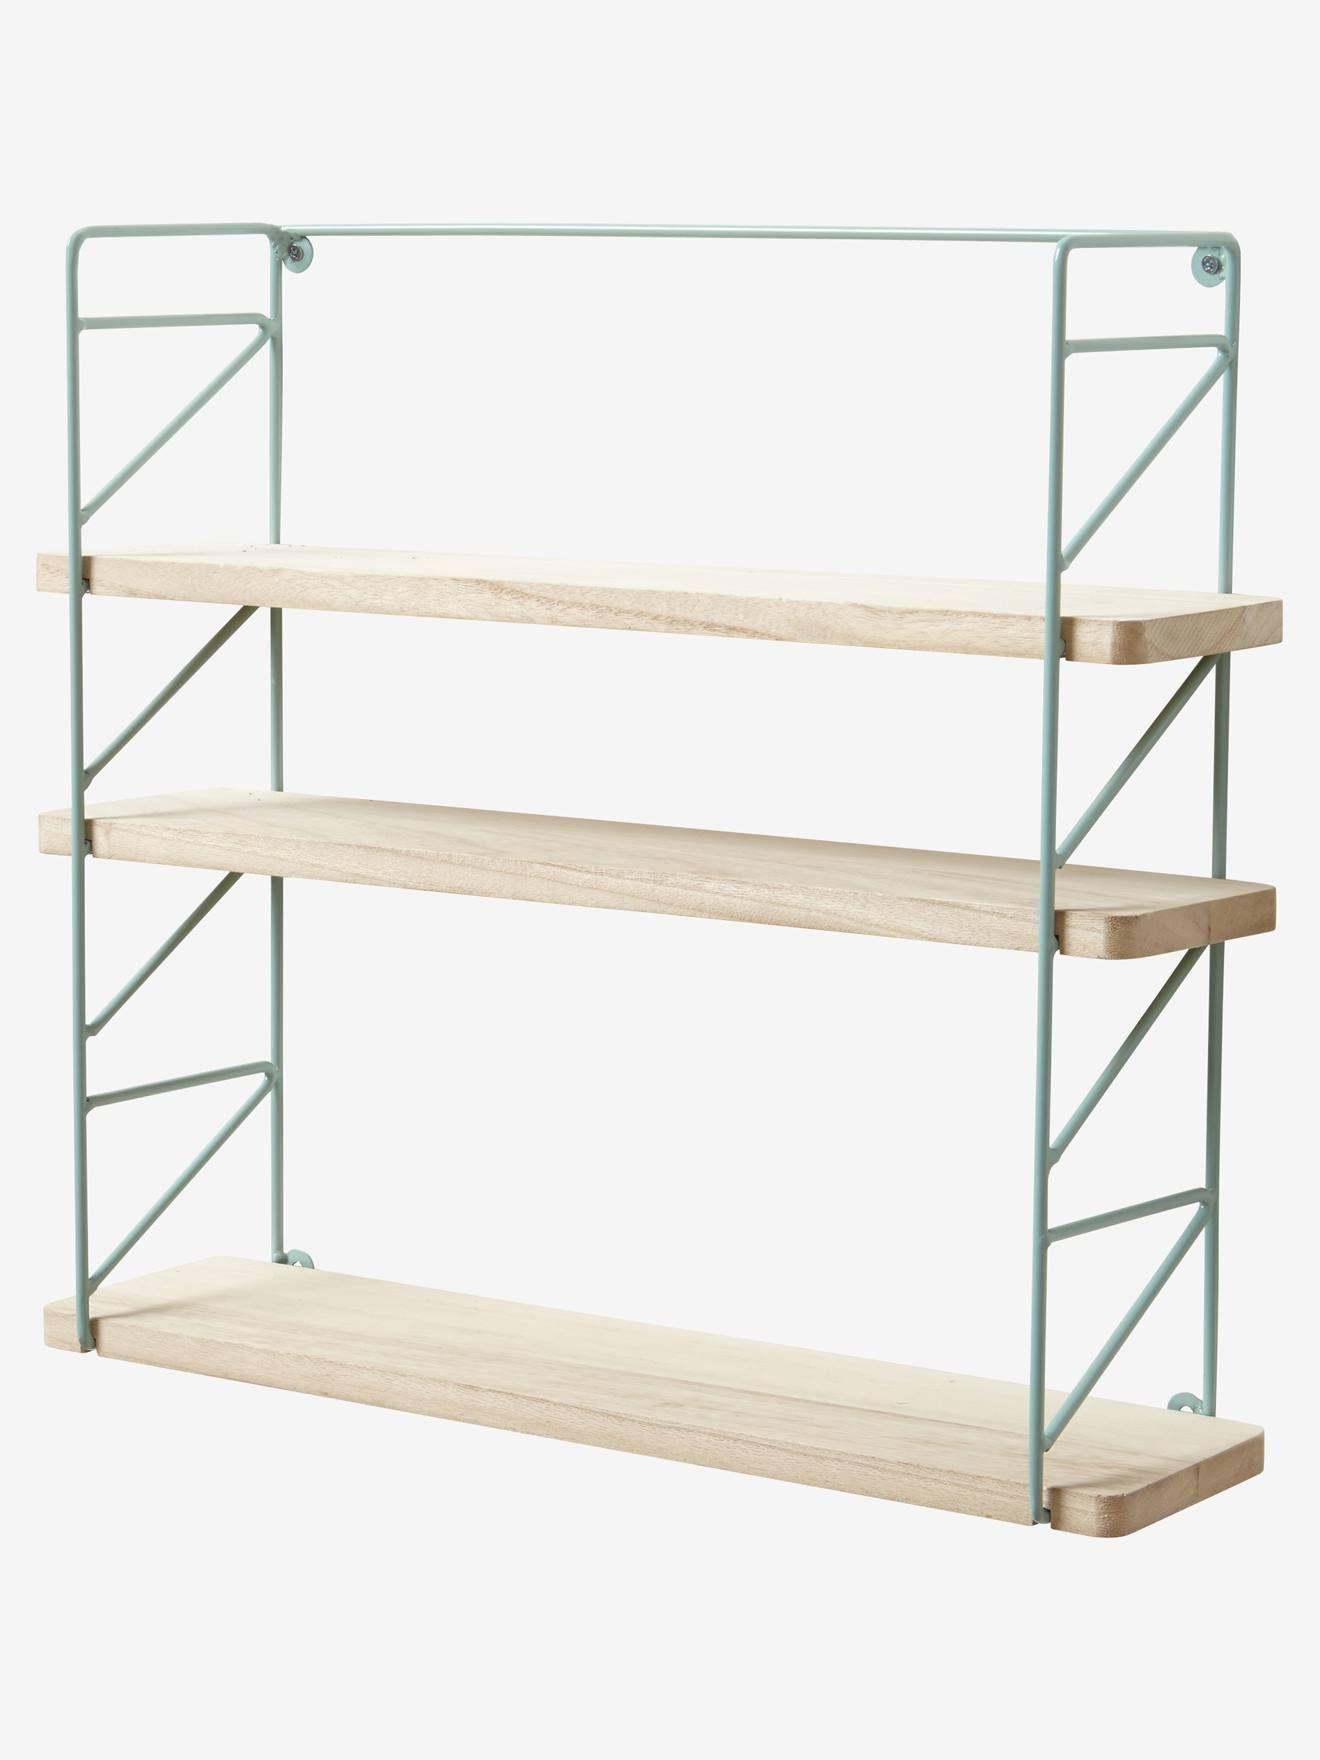 Metal Wood 3 Level Shelving System Green Bedroom Furniture